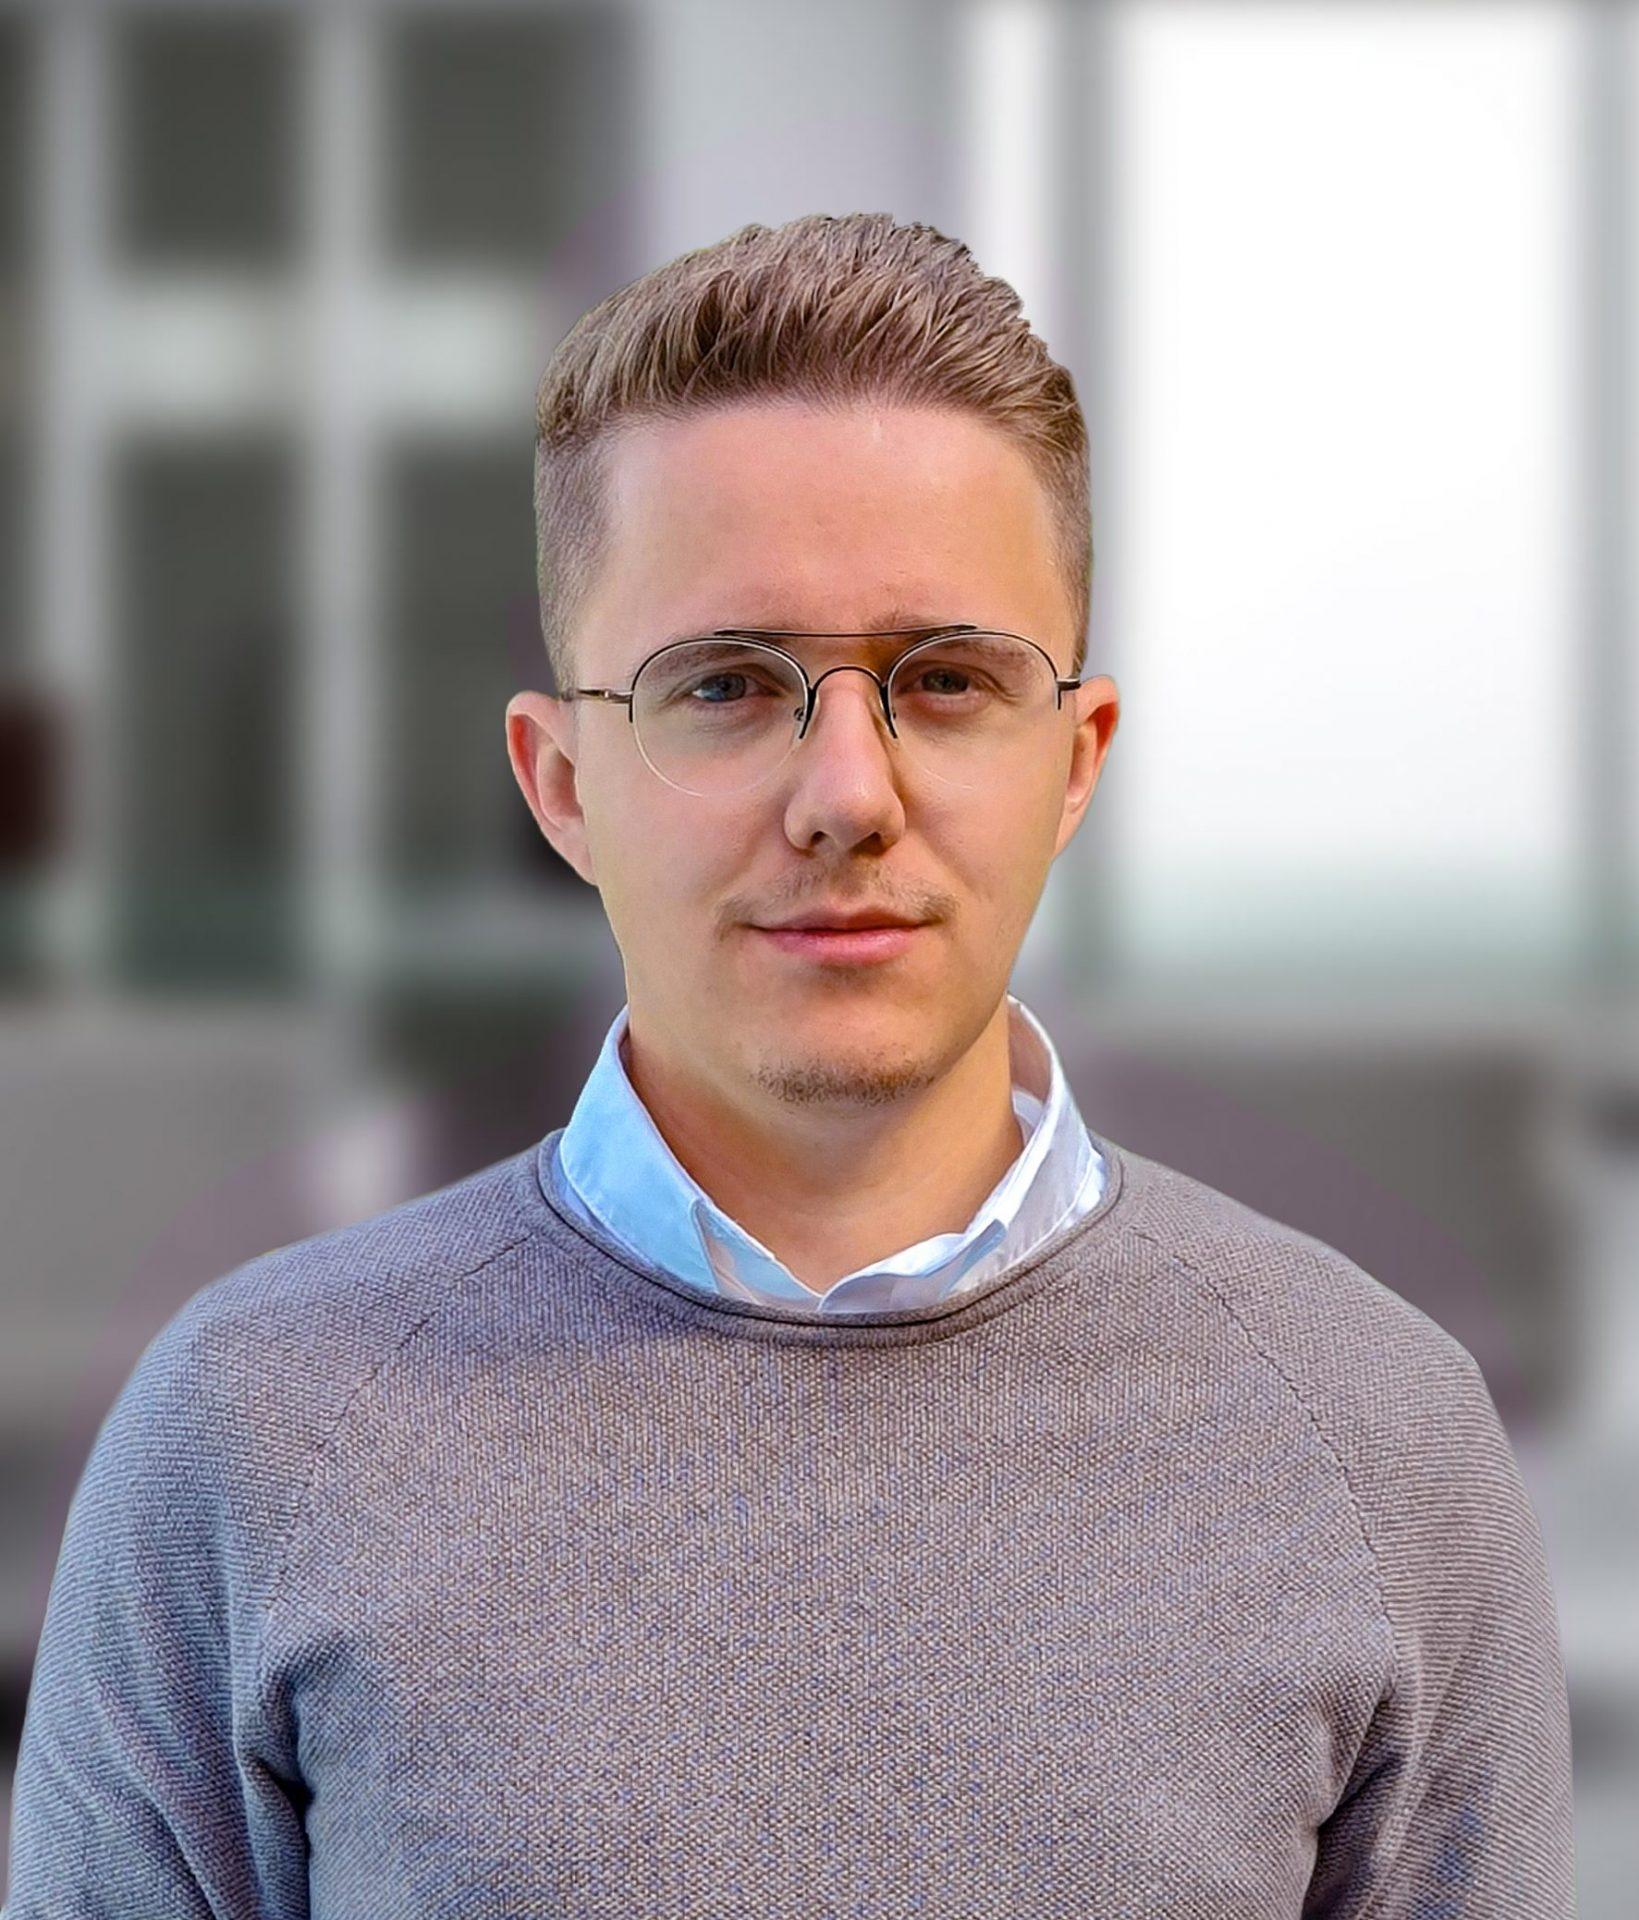 Michael Schöfbänker